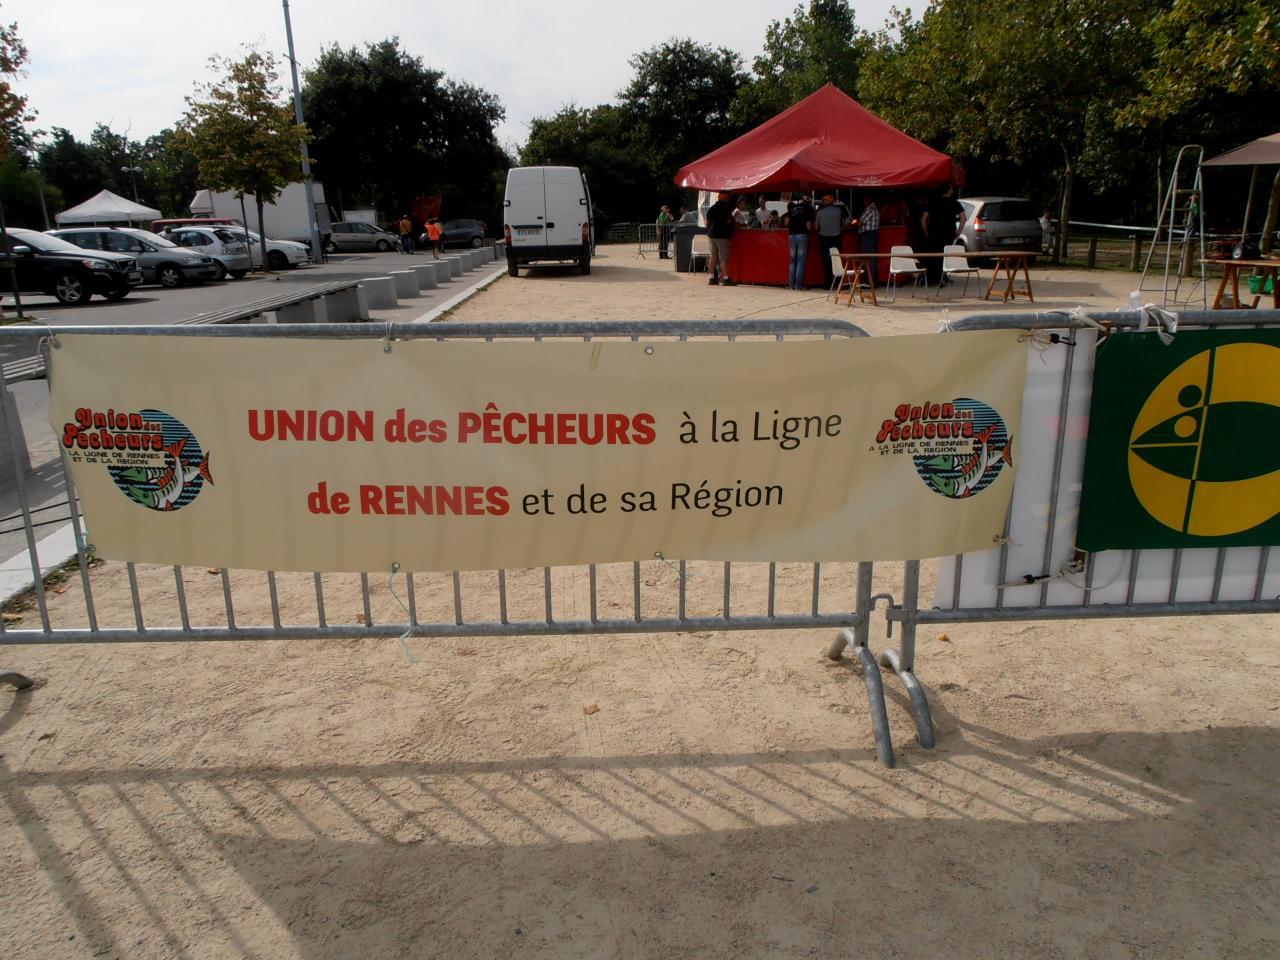 La Banderole Union des Pêcheurs